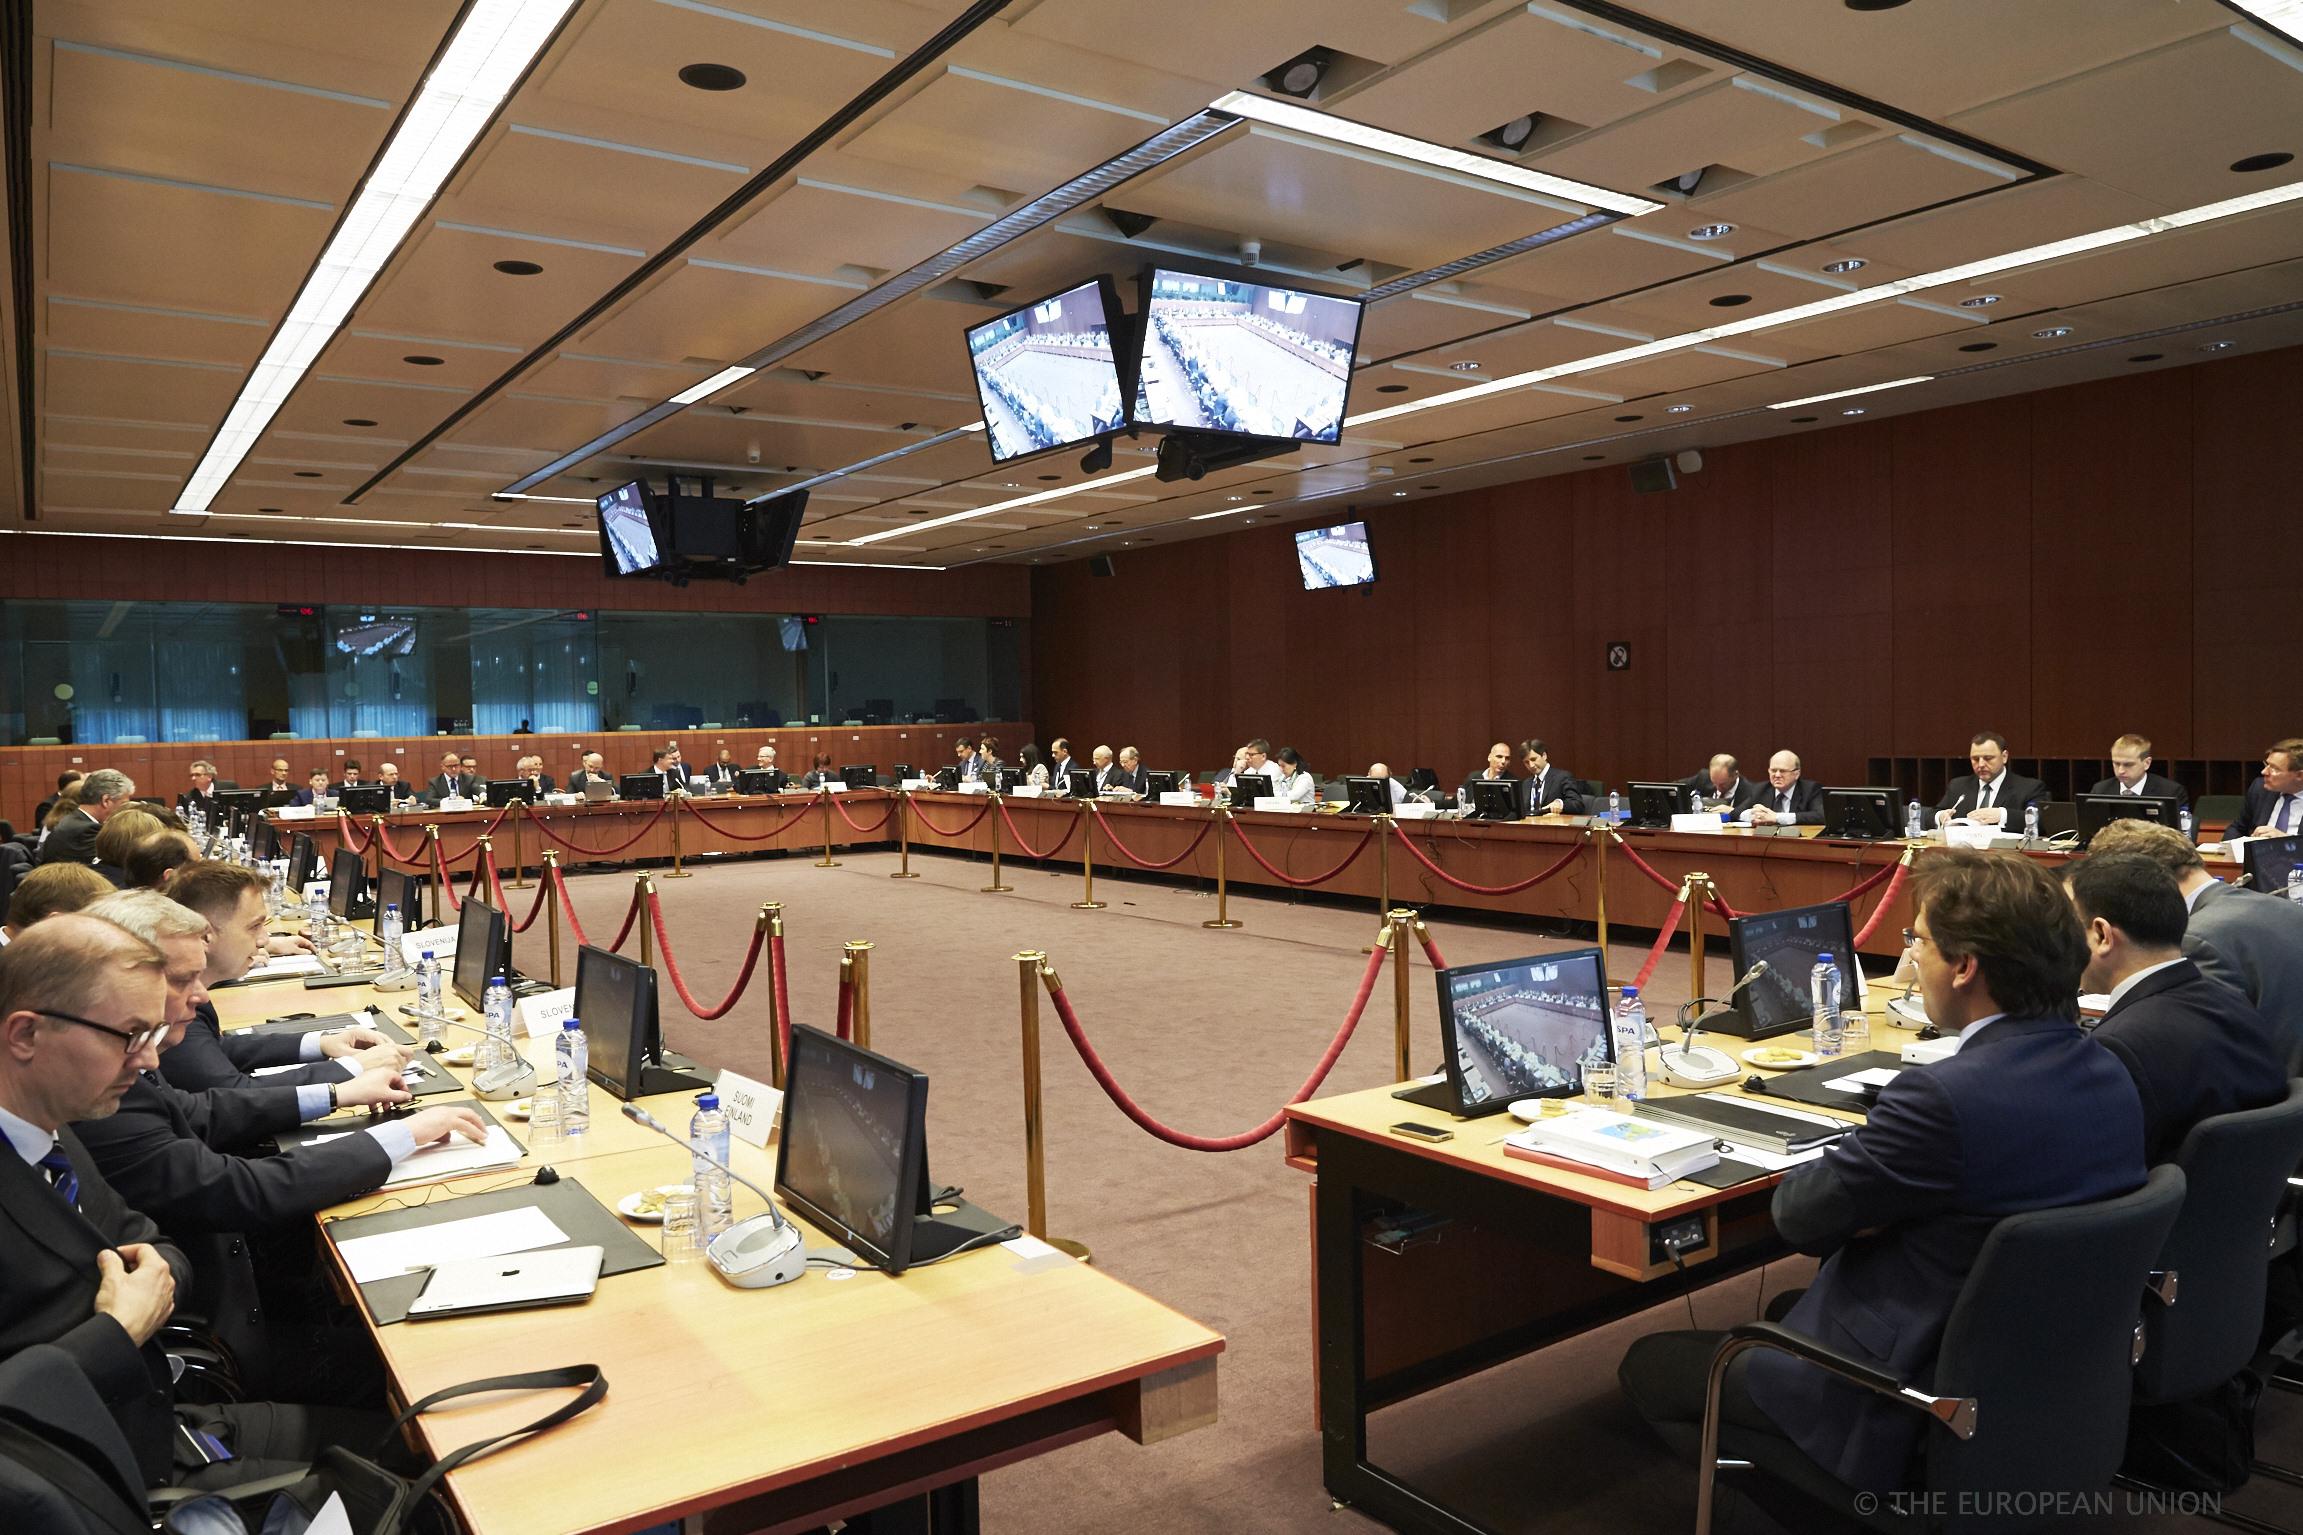 Τηλεδιάσκεψη του Brussels Group έγινε το απόγευμα της Πέμπτης   tovima.gr